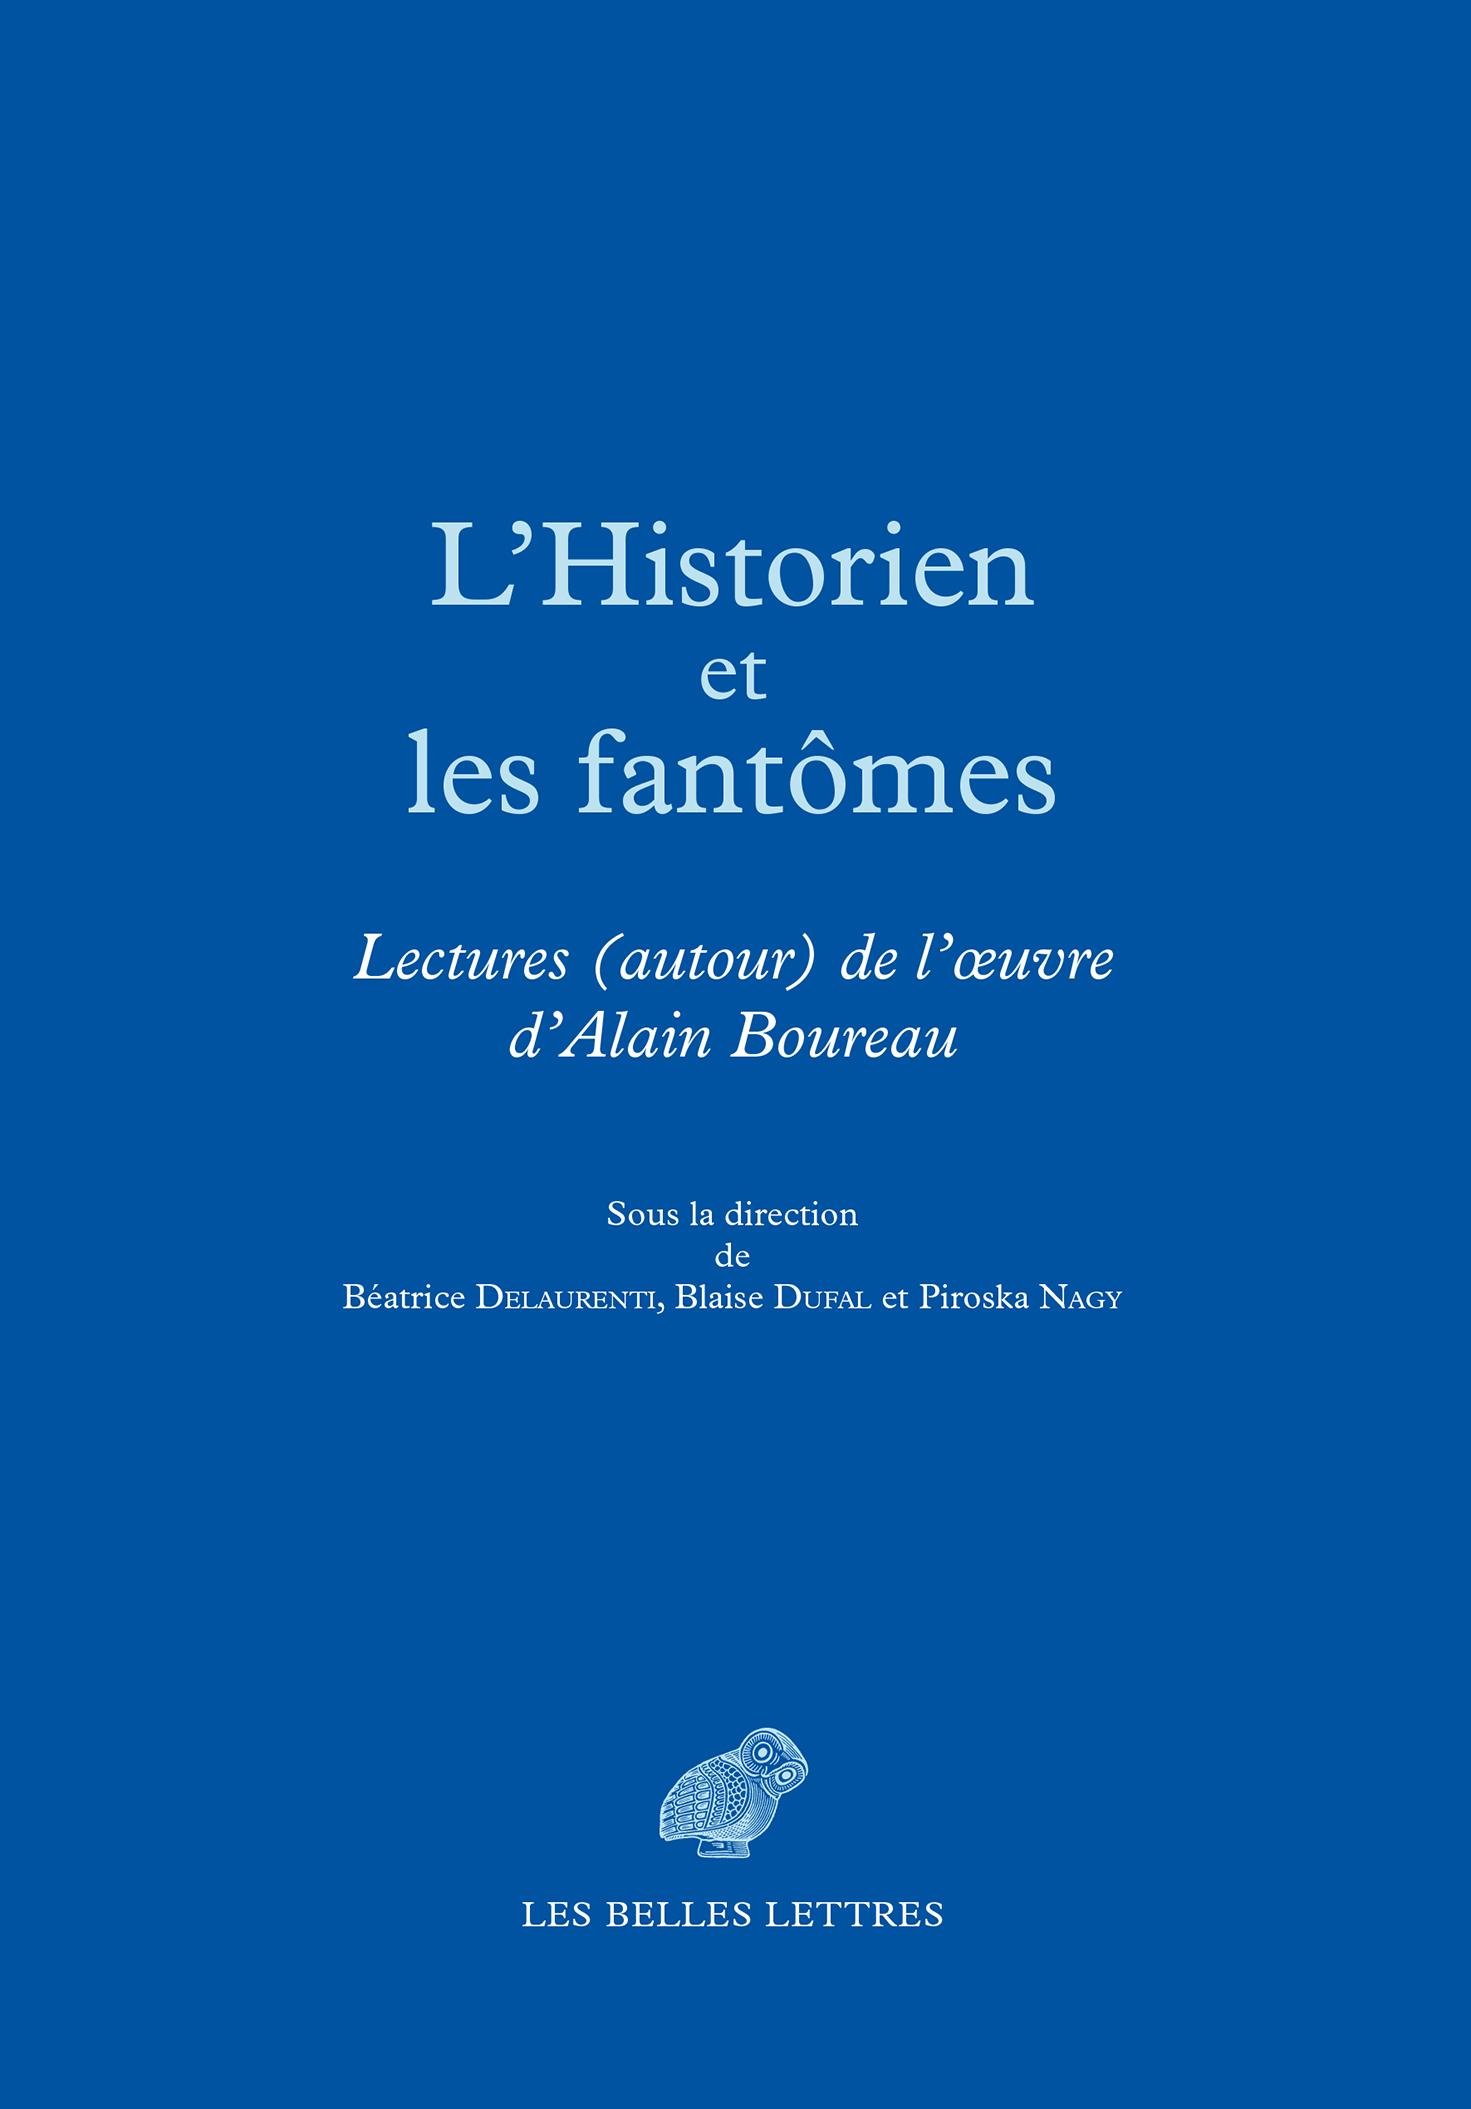 L'Historien et les fantômes